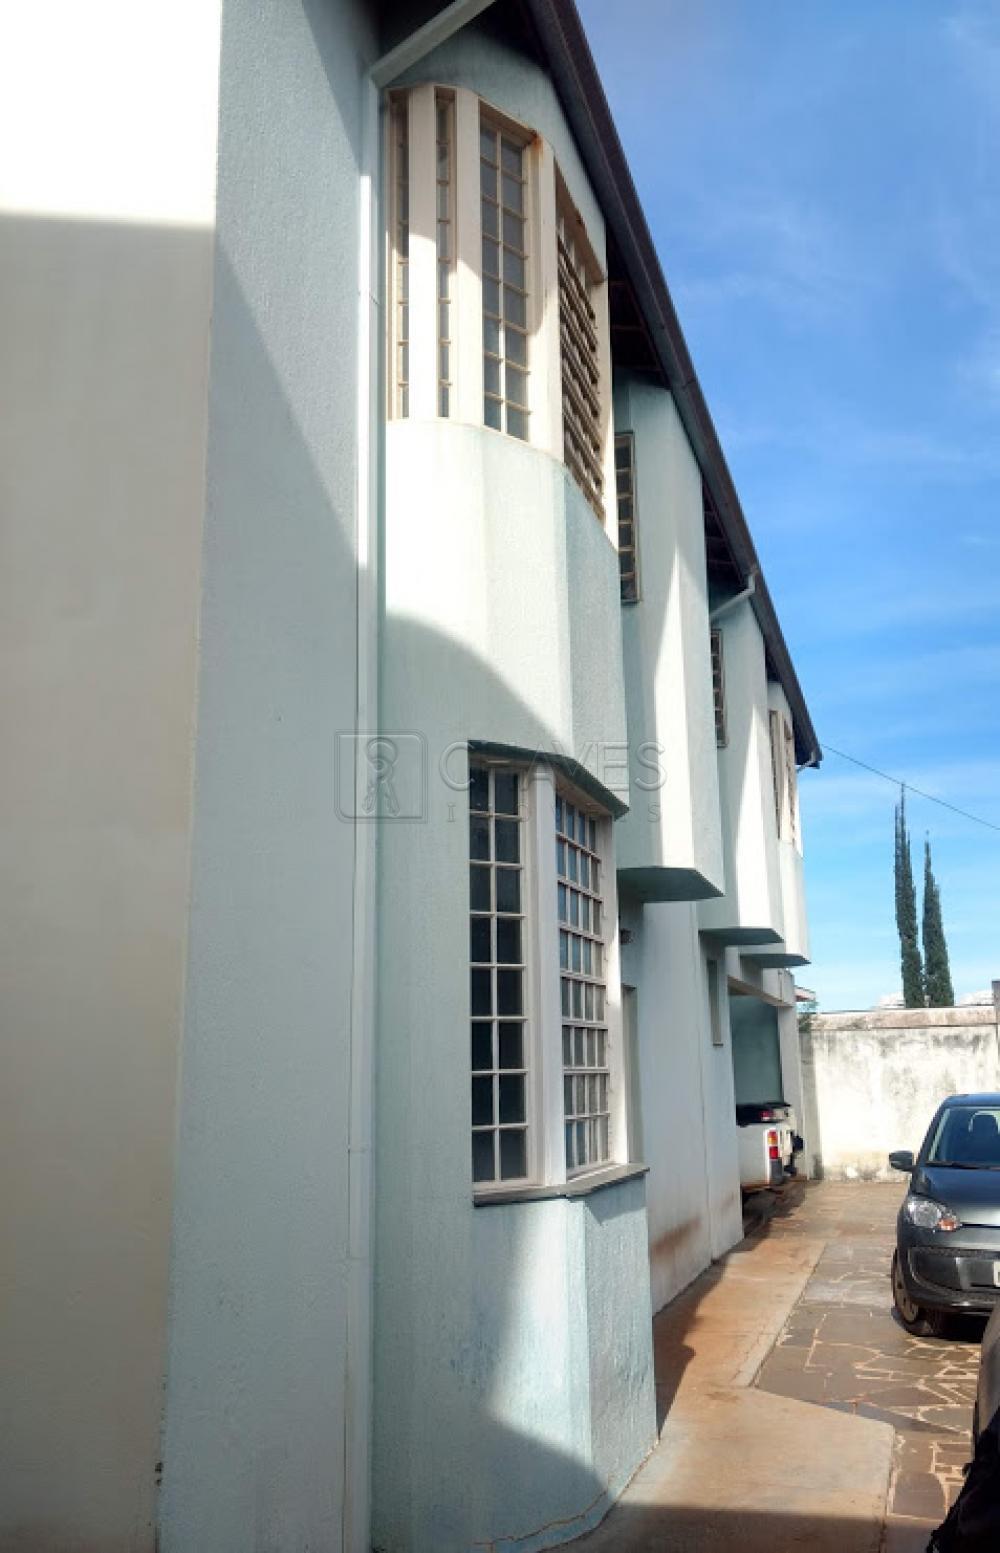 Comprar Casa / Padrão em Ribeirão Preto apenas R$ 1.050.000,00 - Foto 3